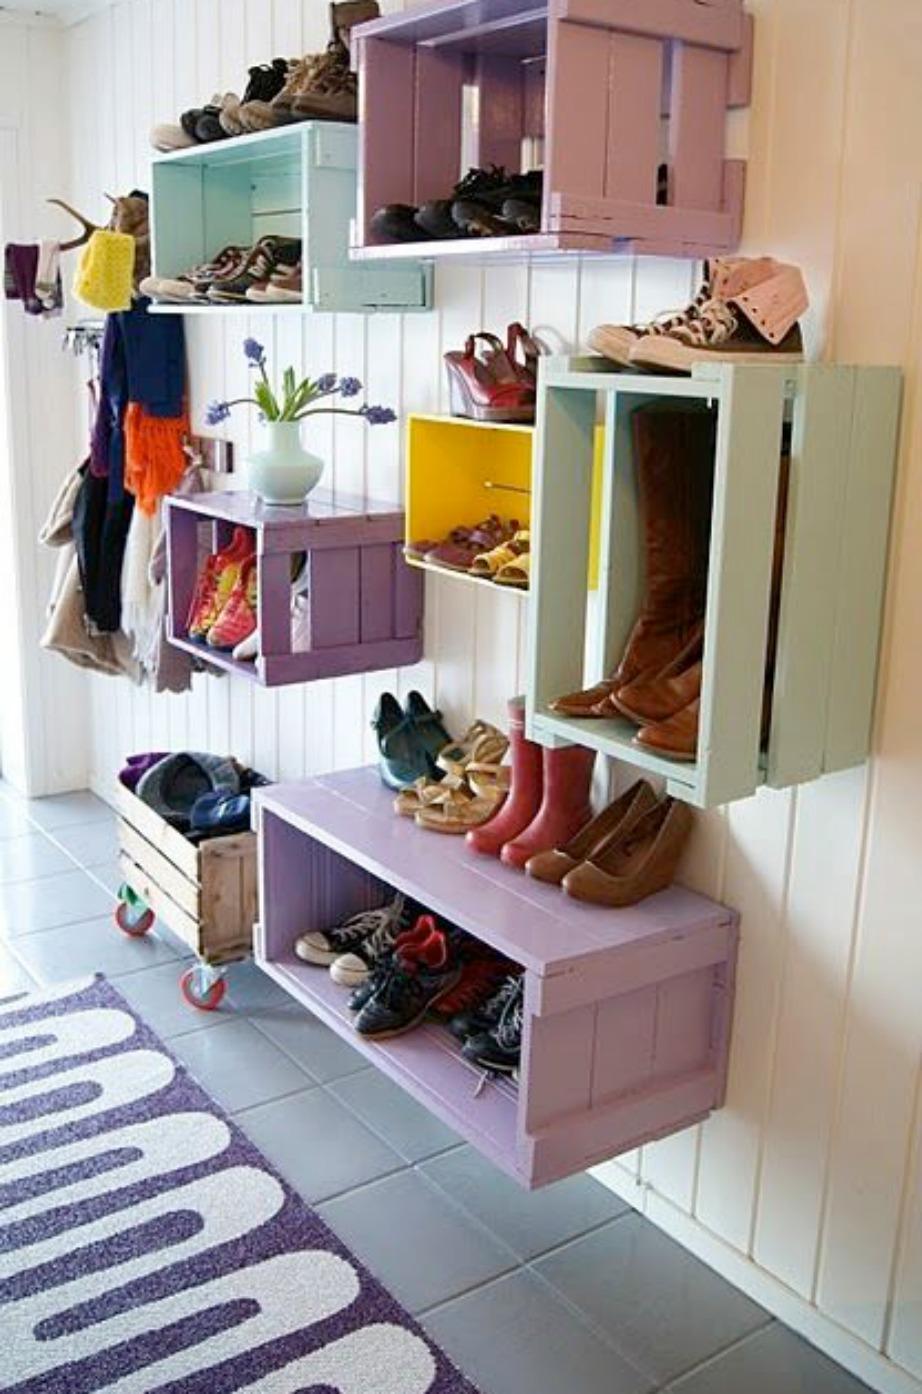 Χρησιμοποιήστε τα καφάσια στηνείσοδο του σπιτιού ως αποθηκευτικούς χώρους.